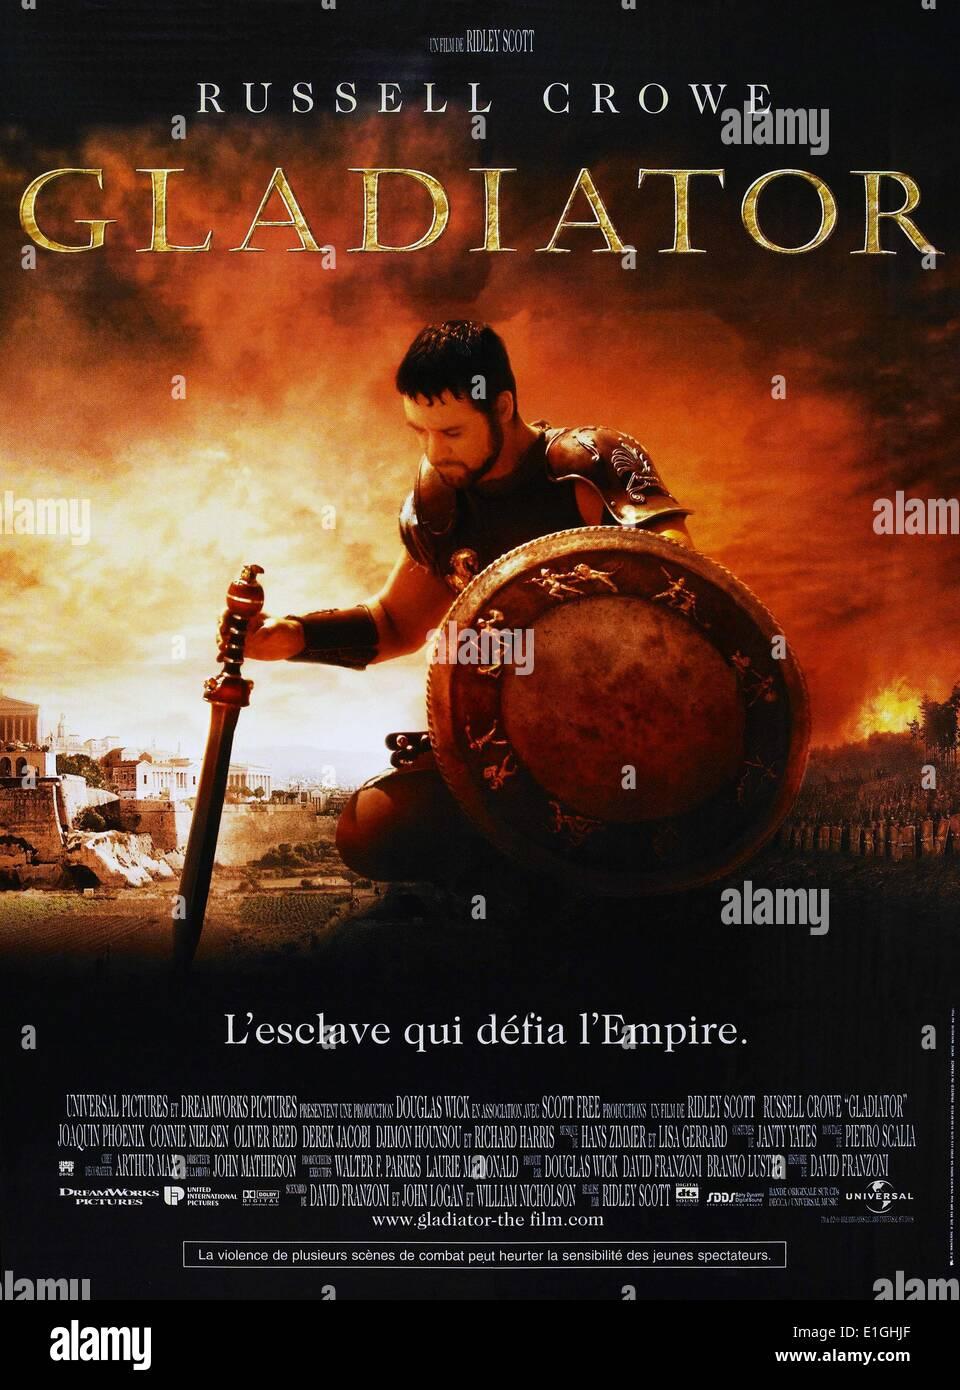 """""""Gladiator"""" un drama histórico épico anglo-estadounidense que propone 2000 película protagonizada por Russell Crowe, Joaquin Phoenix, Connie Nielsen, Ralf Imagen De Stock"""